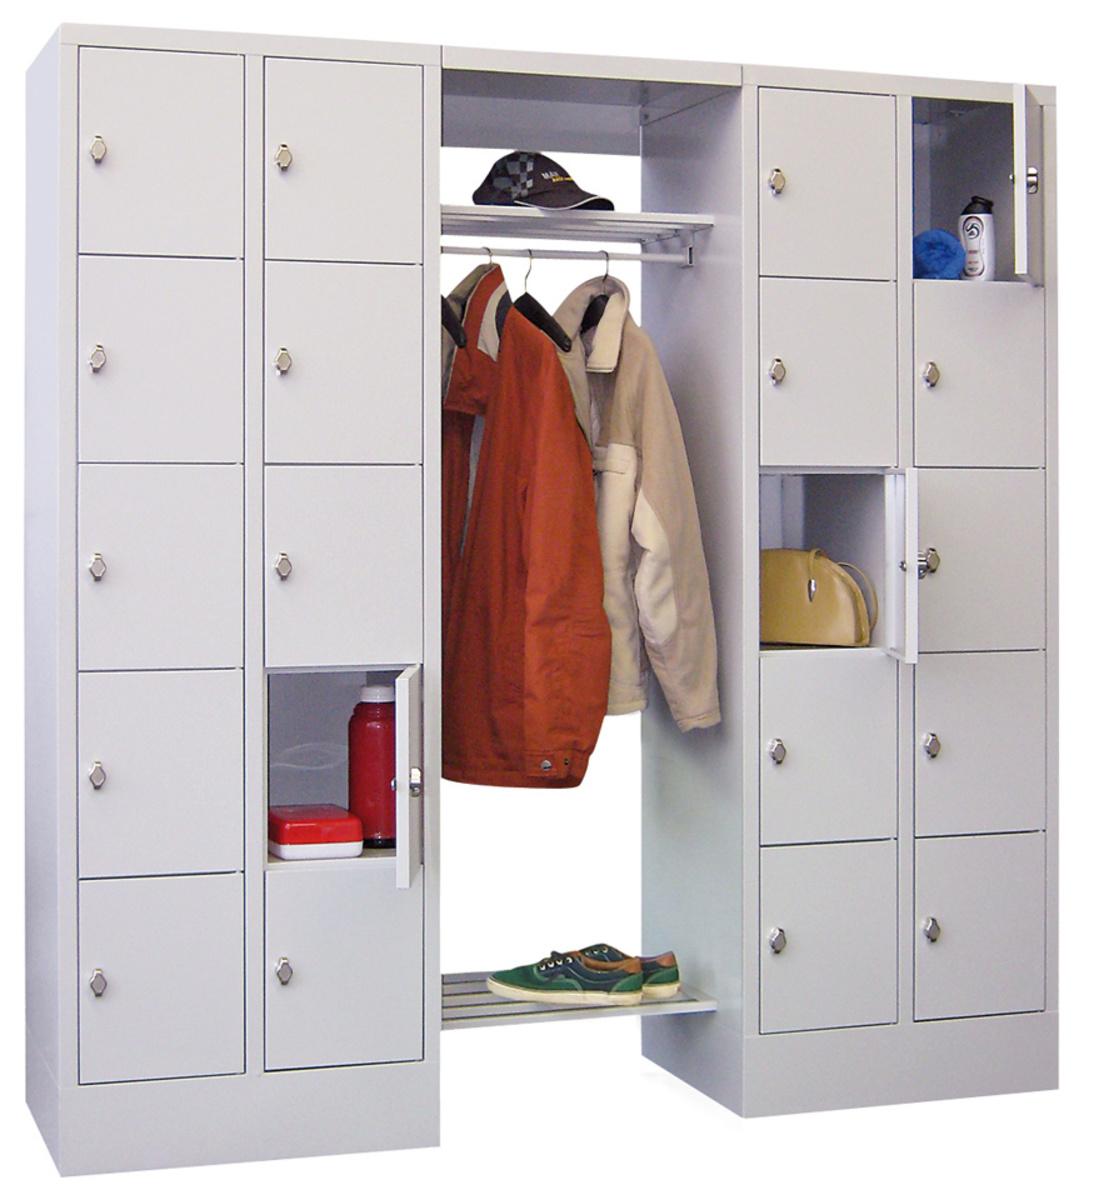 offene garderobe mit 20 schlie fachschr nken. Black Bedroom Furniture Sets. Home Design Ideas